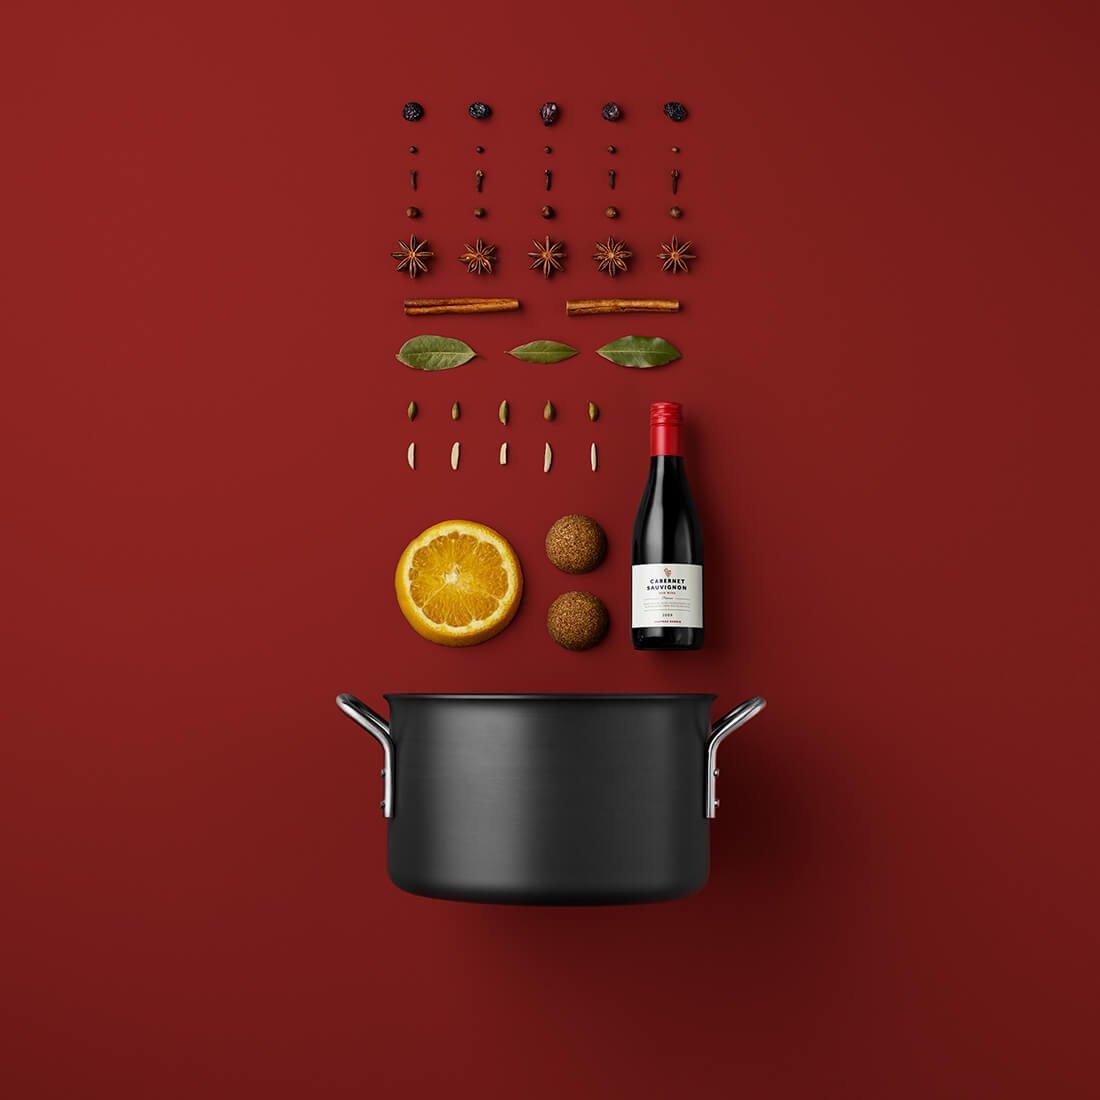 Рецепты из компонентов еды, Стильные фото 5